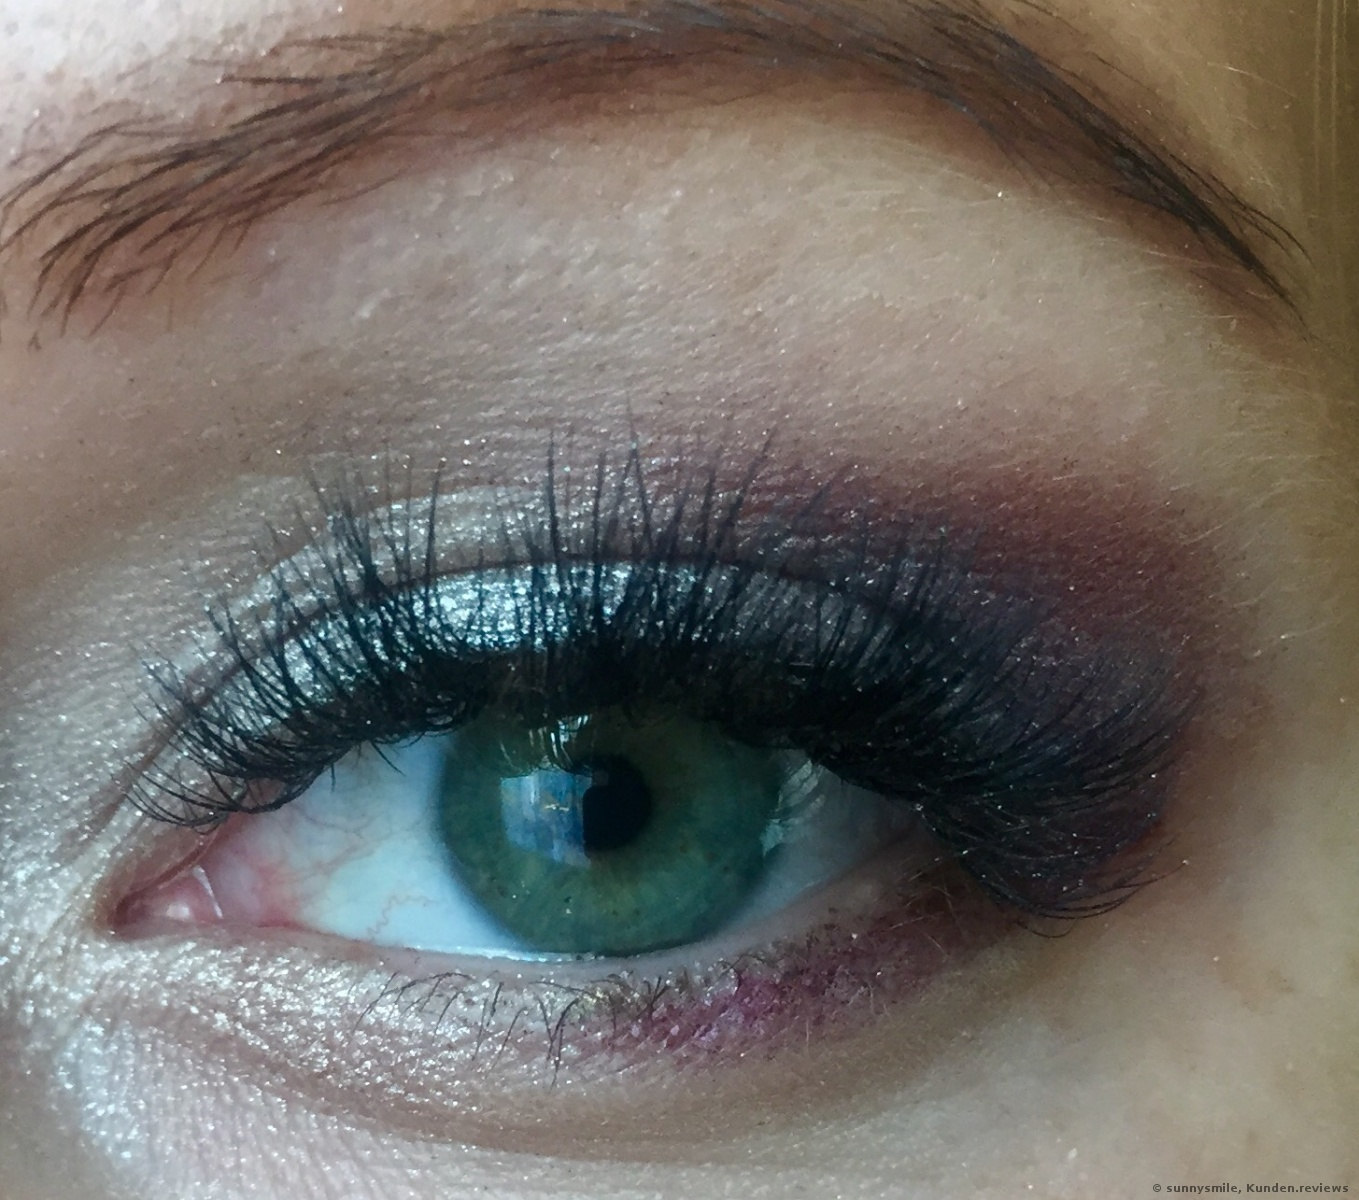 Auf das Oberlid trug ich Drippin Diamonds auf. Im inneren Augenwinkel: Cocoa Truffle. Im äußeren Augenwinkel: Rich girl.